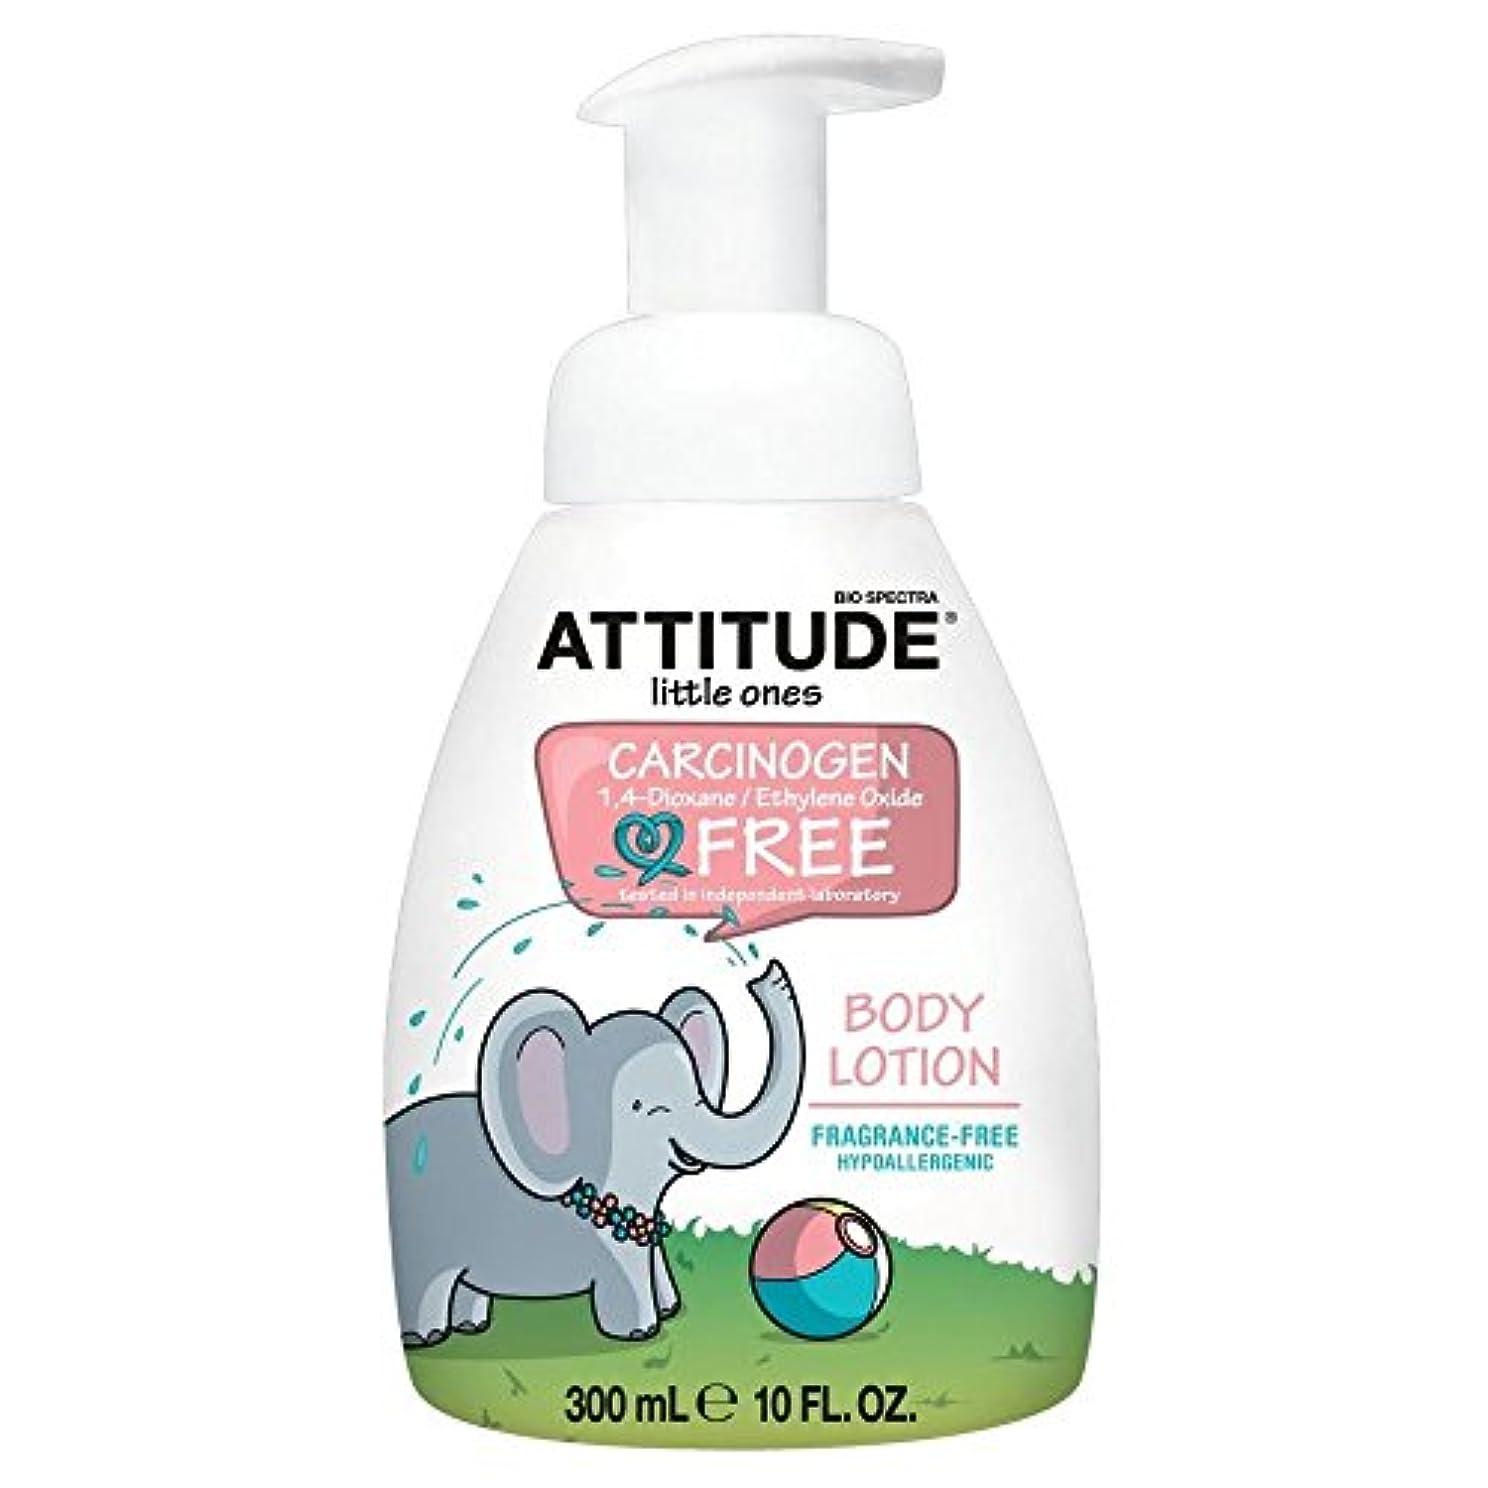 フィッティング一致するお手入れAttitude Little Ones Body Lotion - Fragrance Free (295ml) 態度の小さなものボディローション - 無香料( 295ミリリットル)